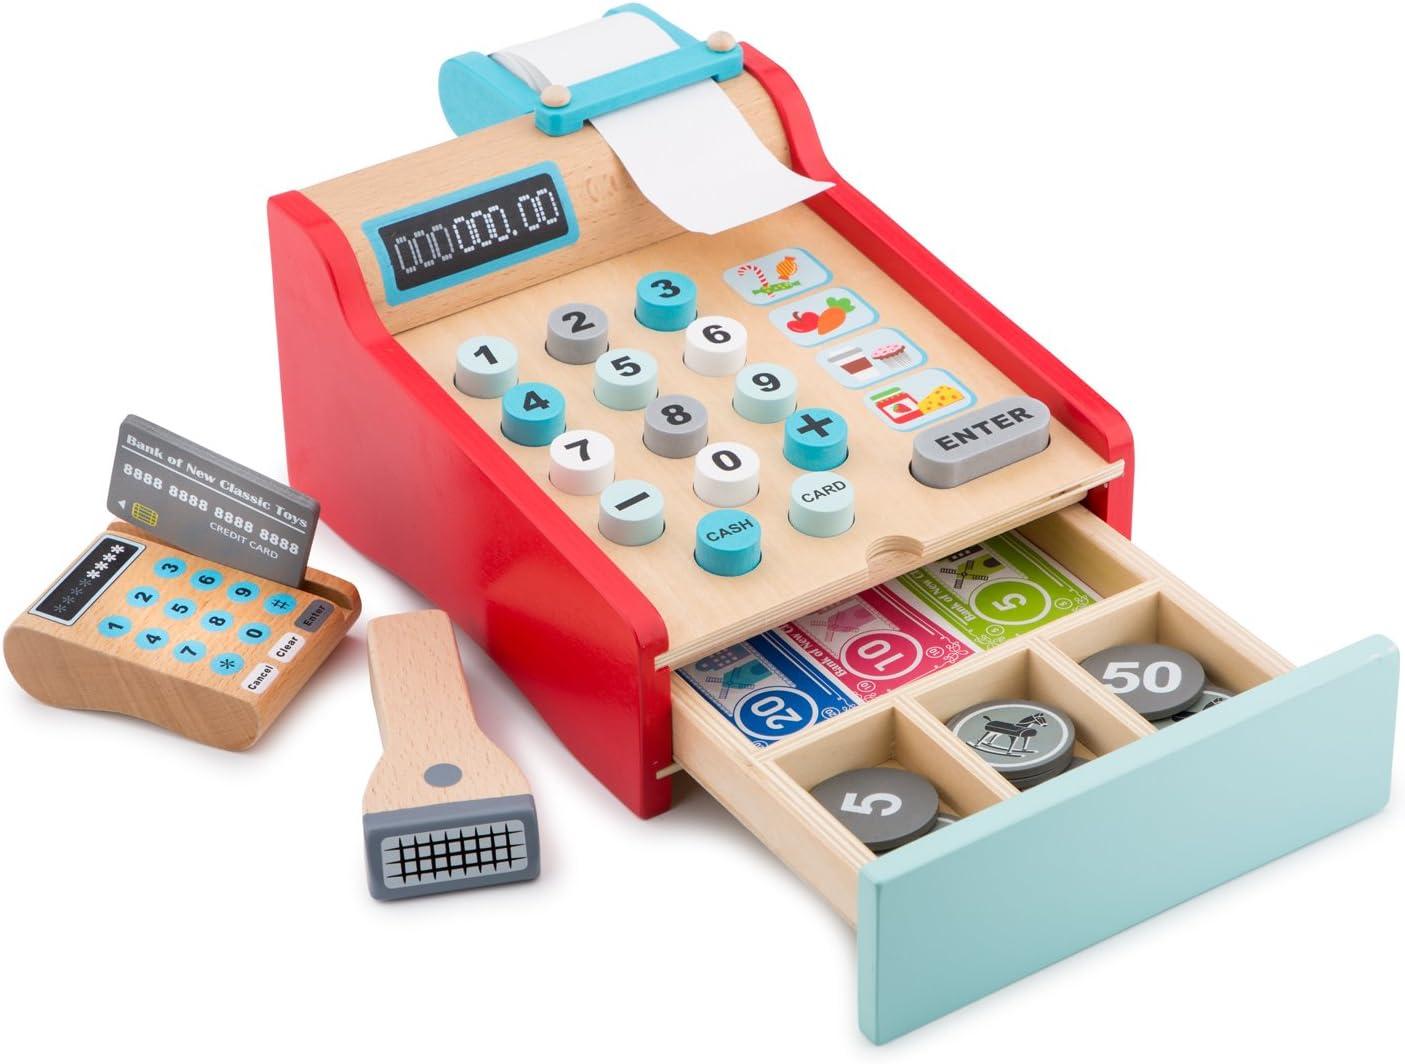 Pinolino Marktstand Lucy - New Classic Toys Kasse